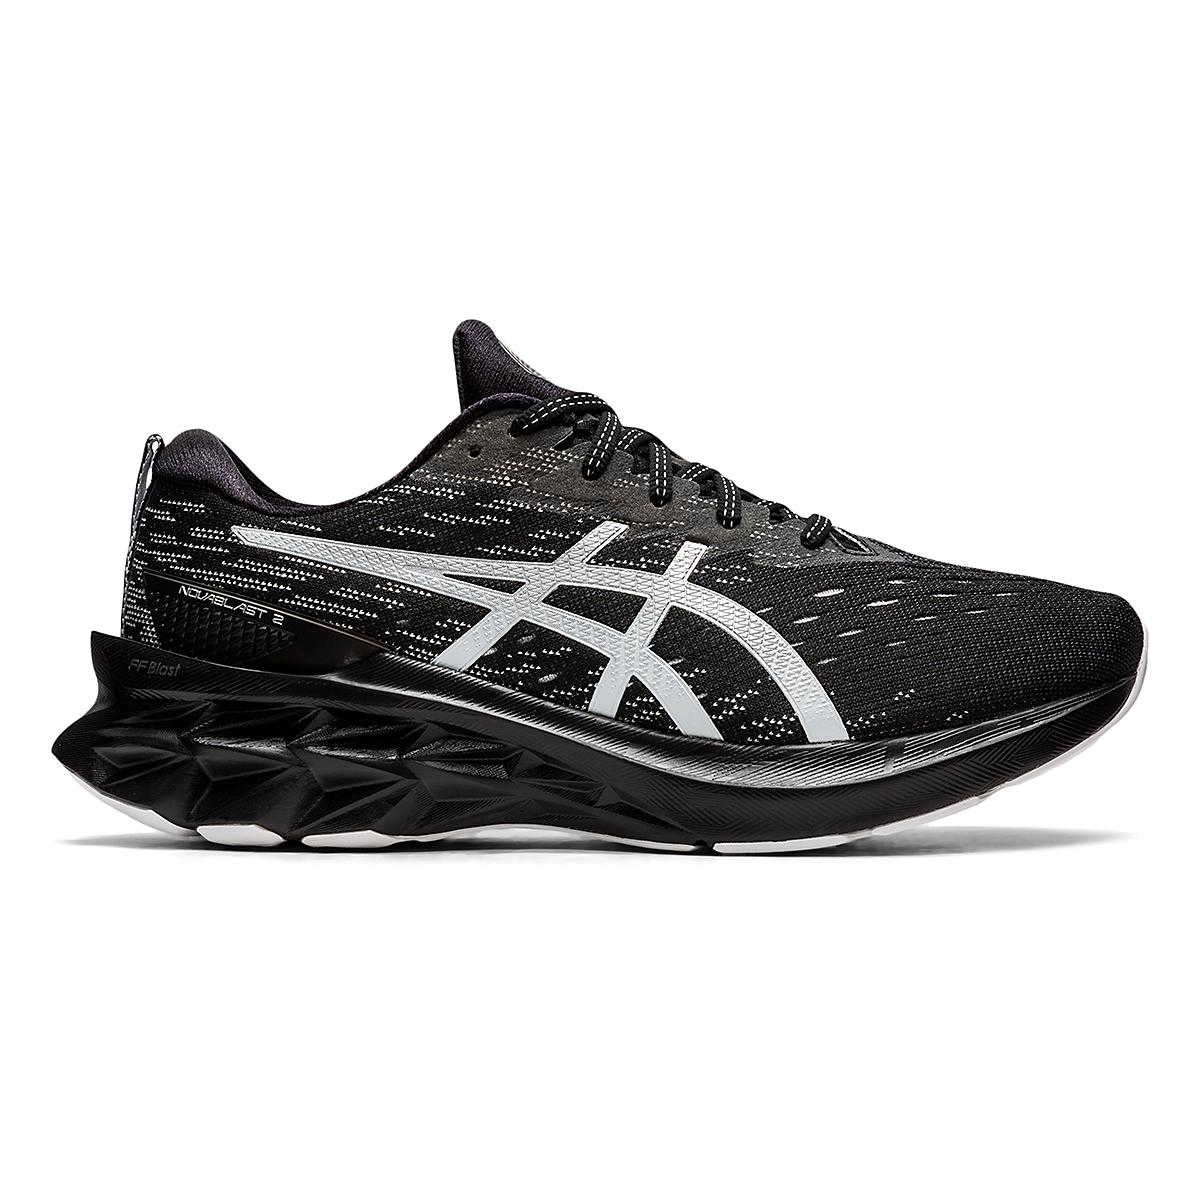 Men's Asics Novablast 2 Running Shoe - Color: Black/Pure Silver - Size: 6 - Width: Regular, Black/Pure Silver, large, image 1